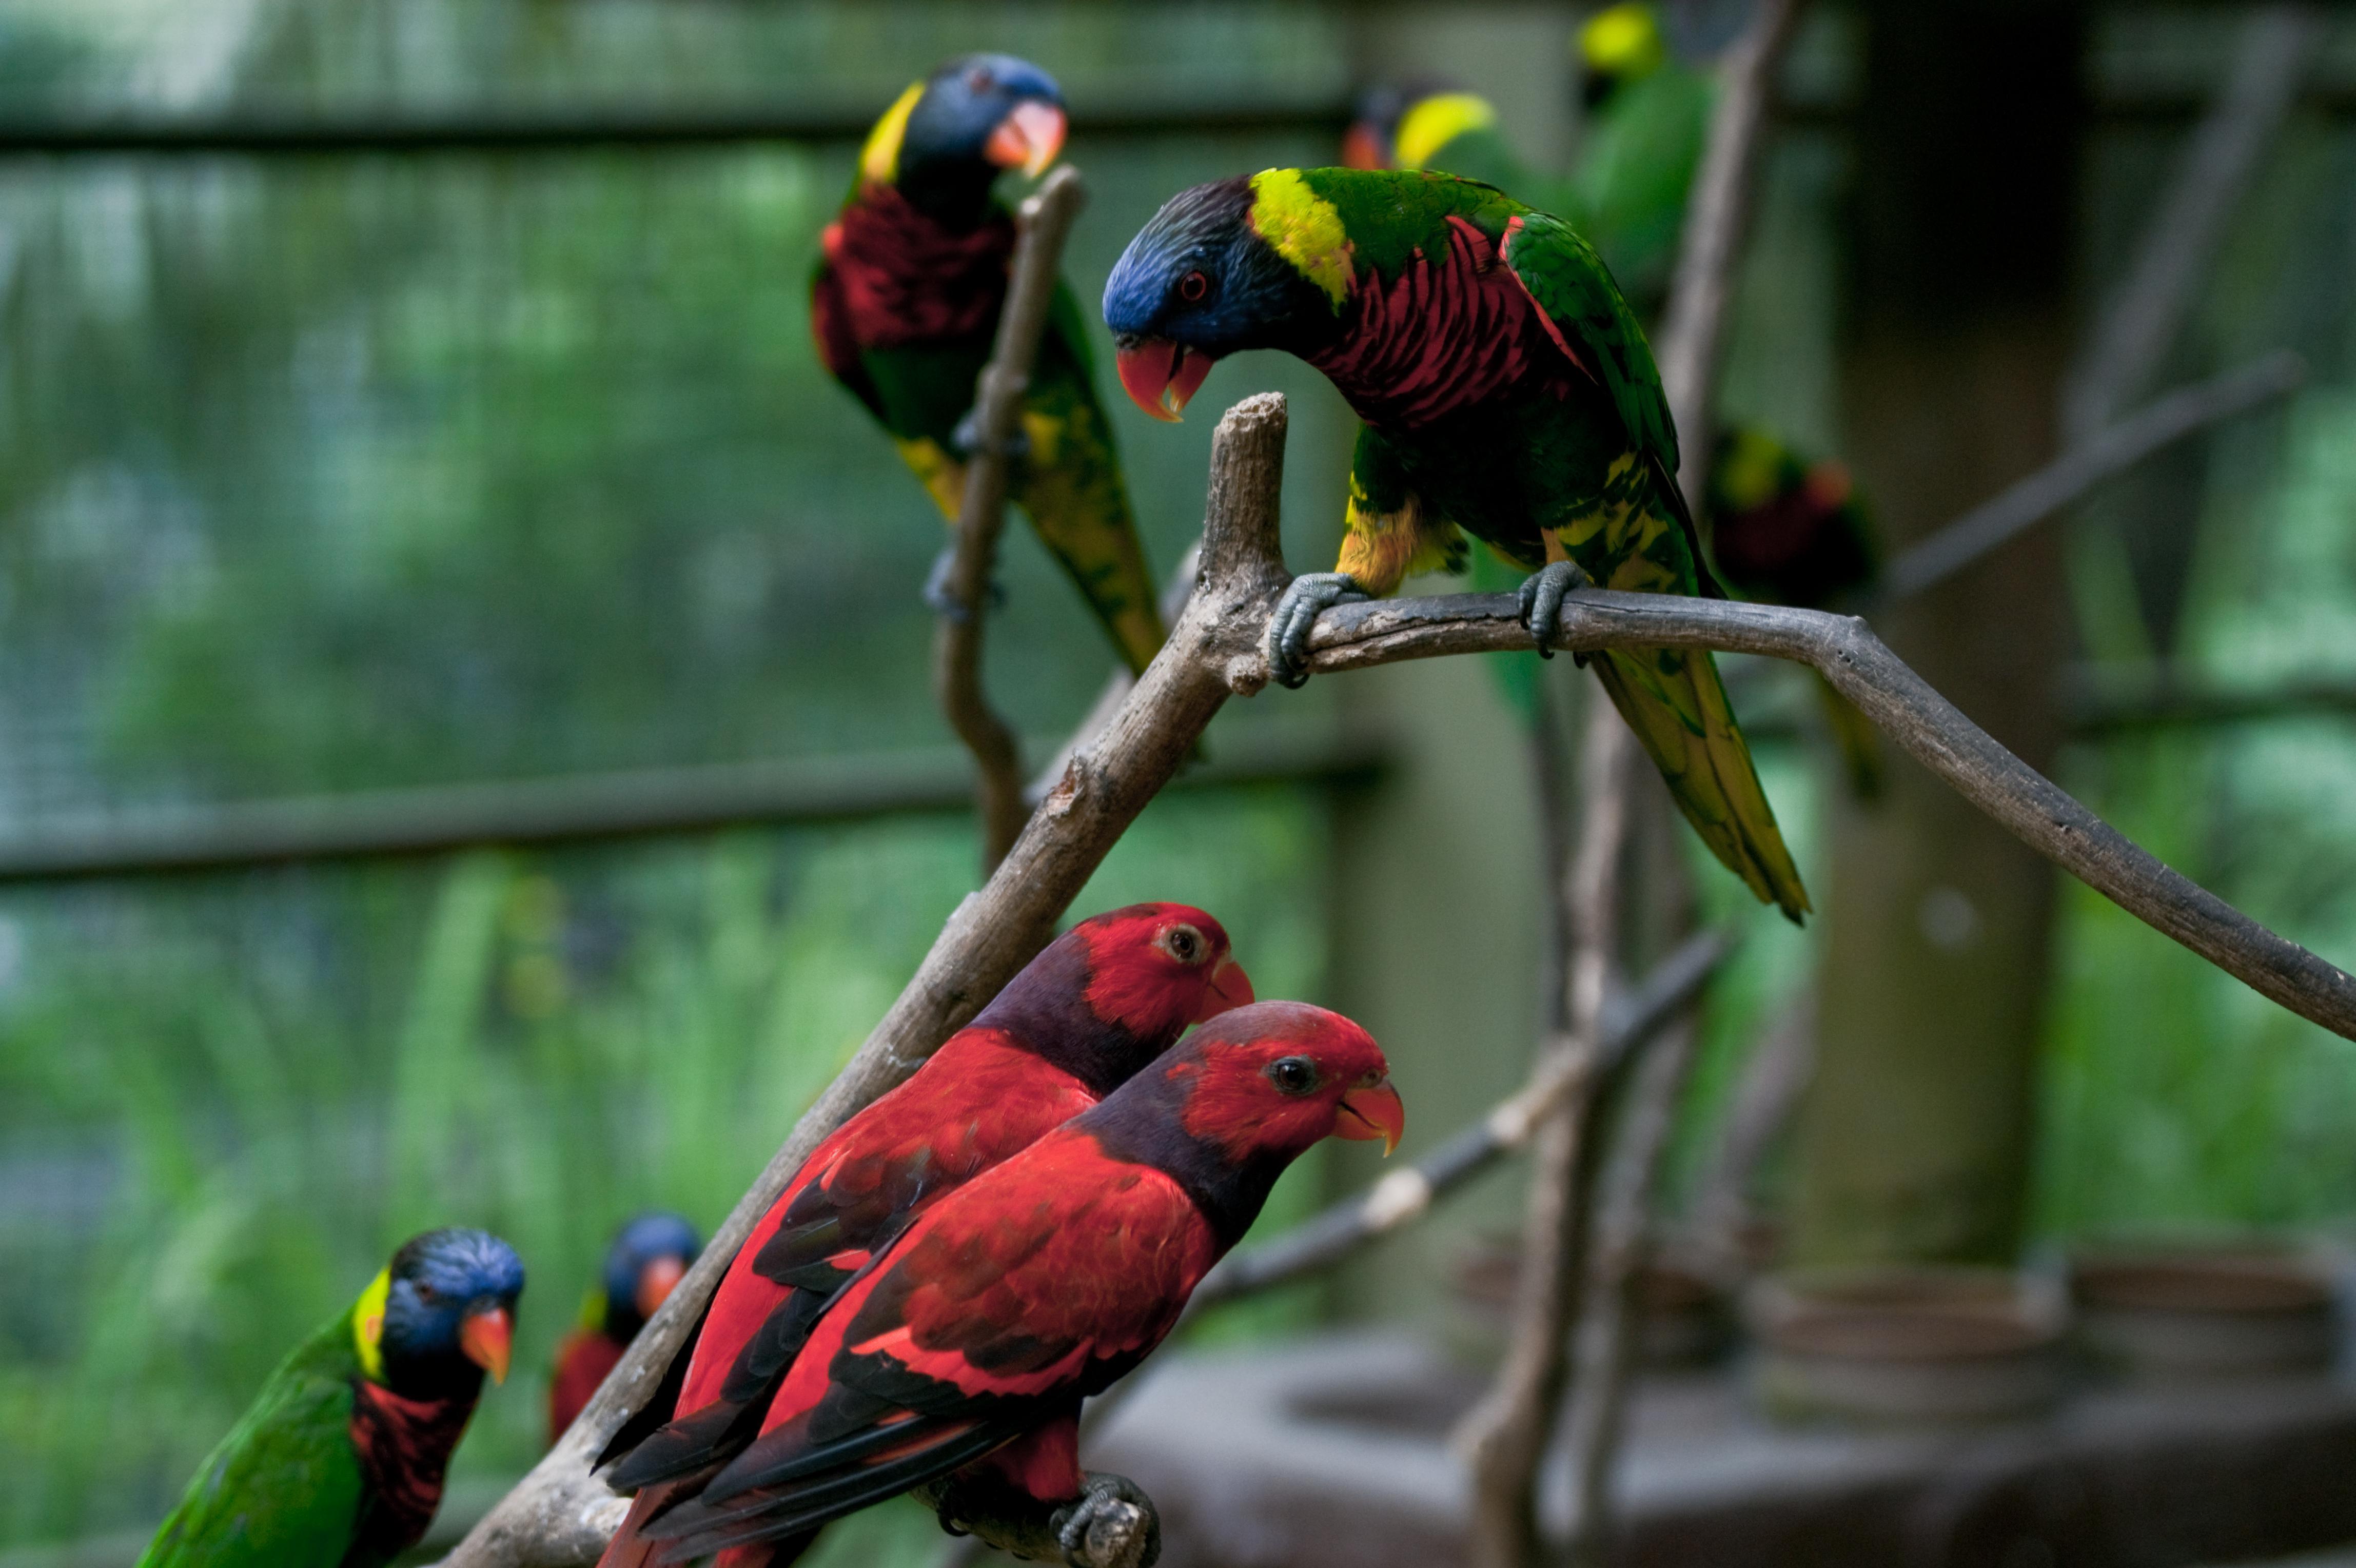 Bird Watching at Kuala Lumpur Bird Park